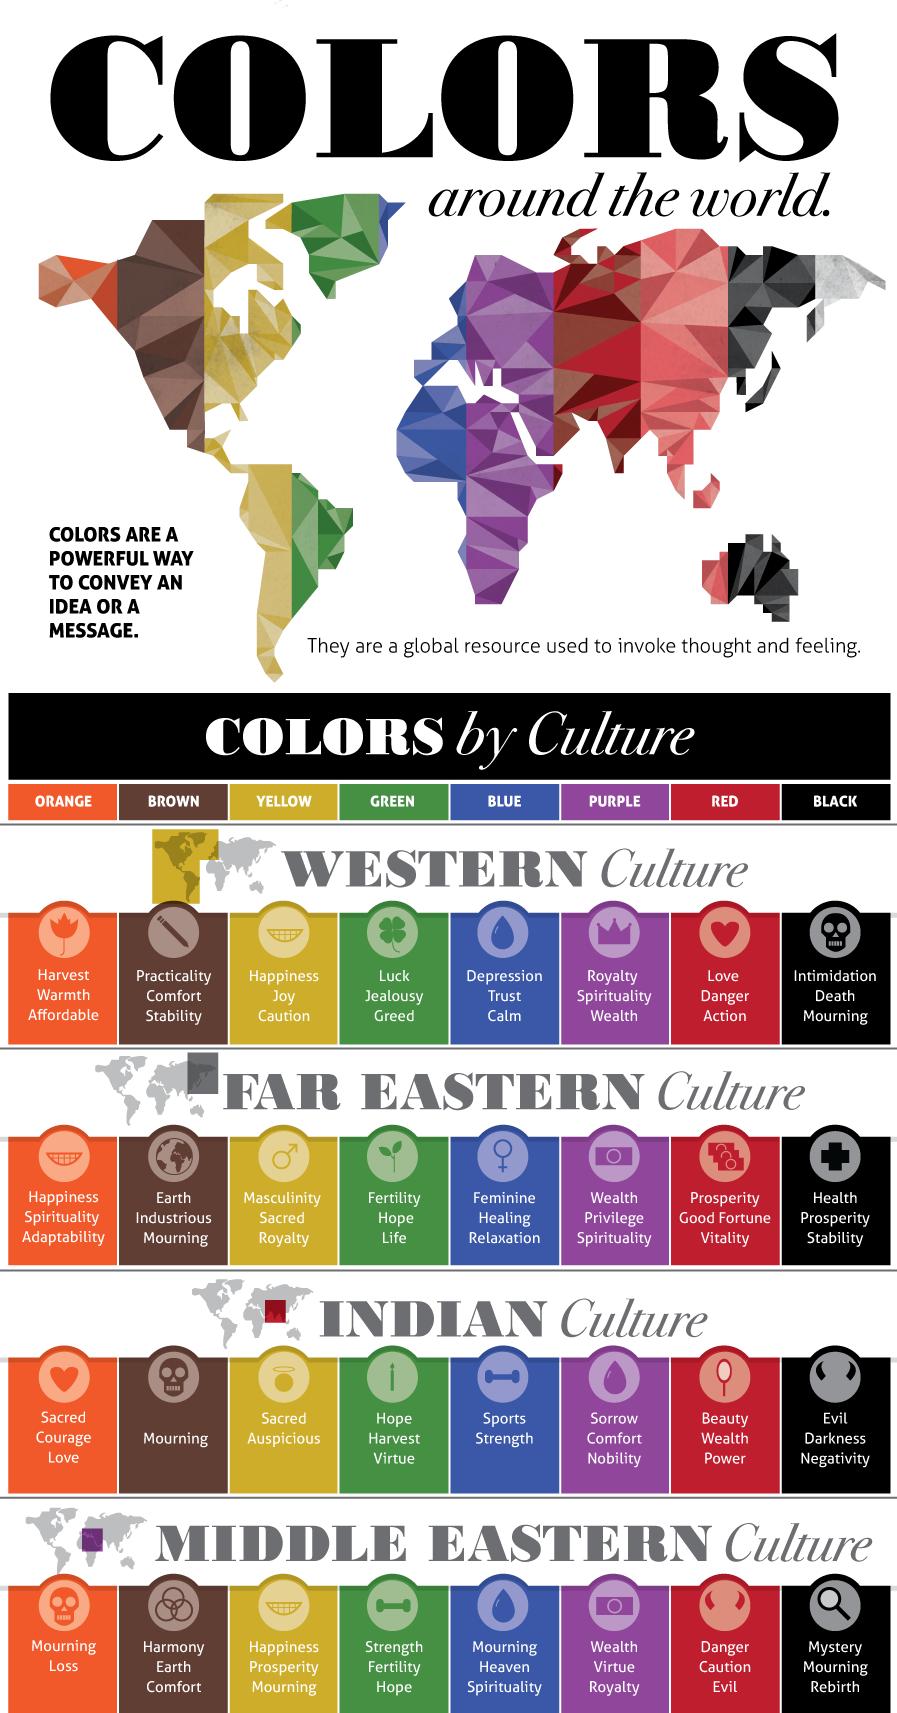 Image Soure: http://translation-blog.multilizer.com/color-localization-infographics/